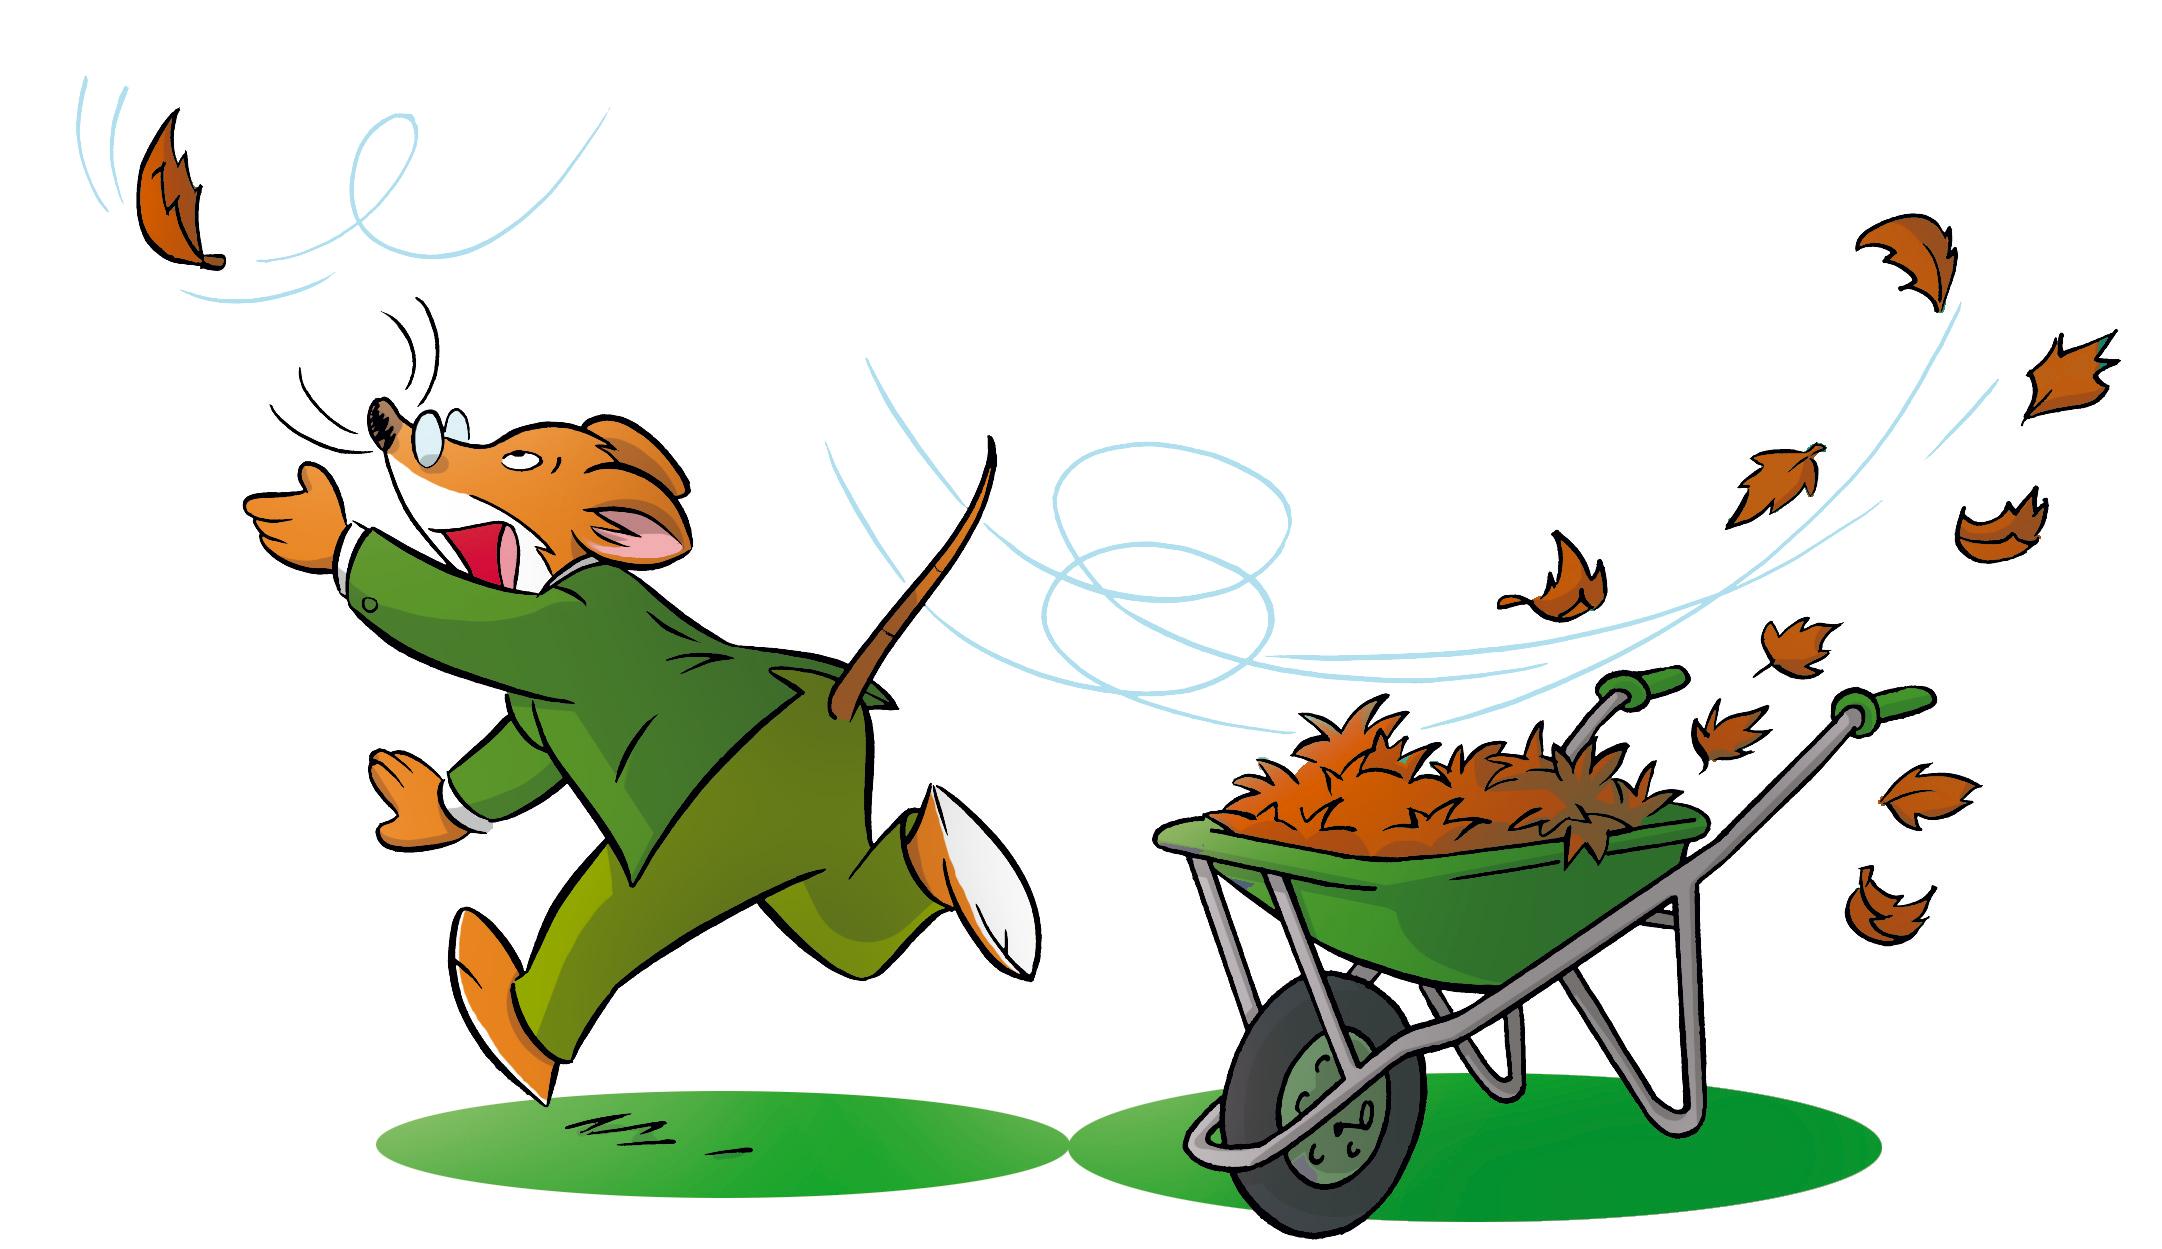 Llegó el otoño… ¡y la caída de las hojas!: Ratoblog - Geronimo Stilton